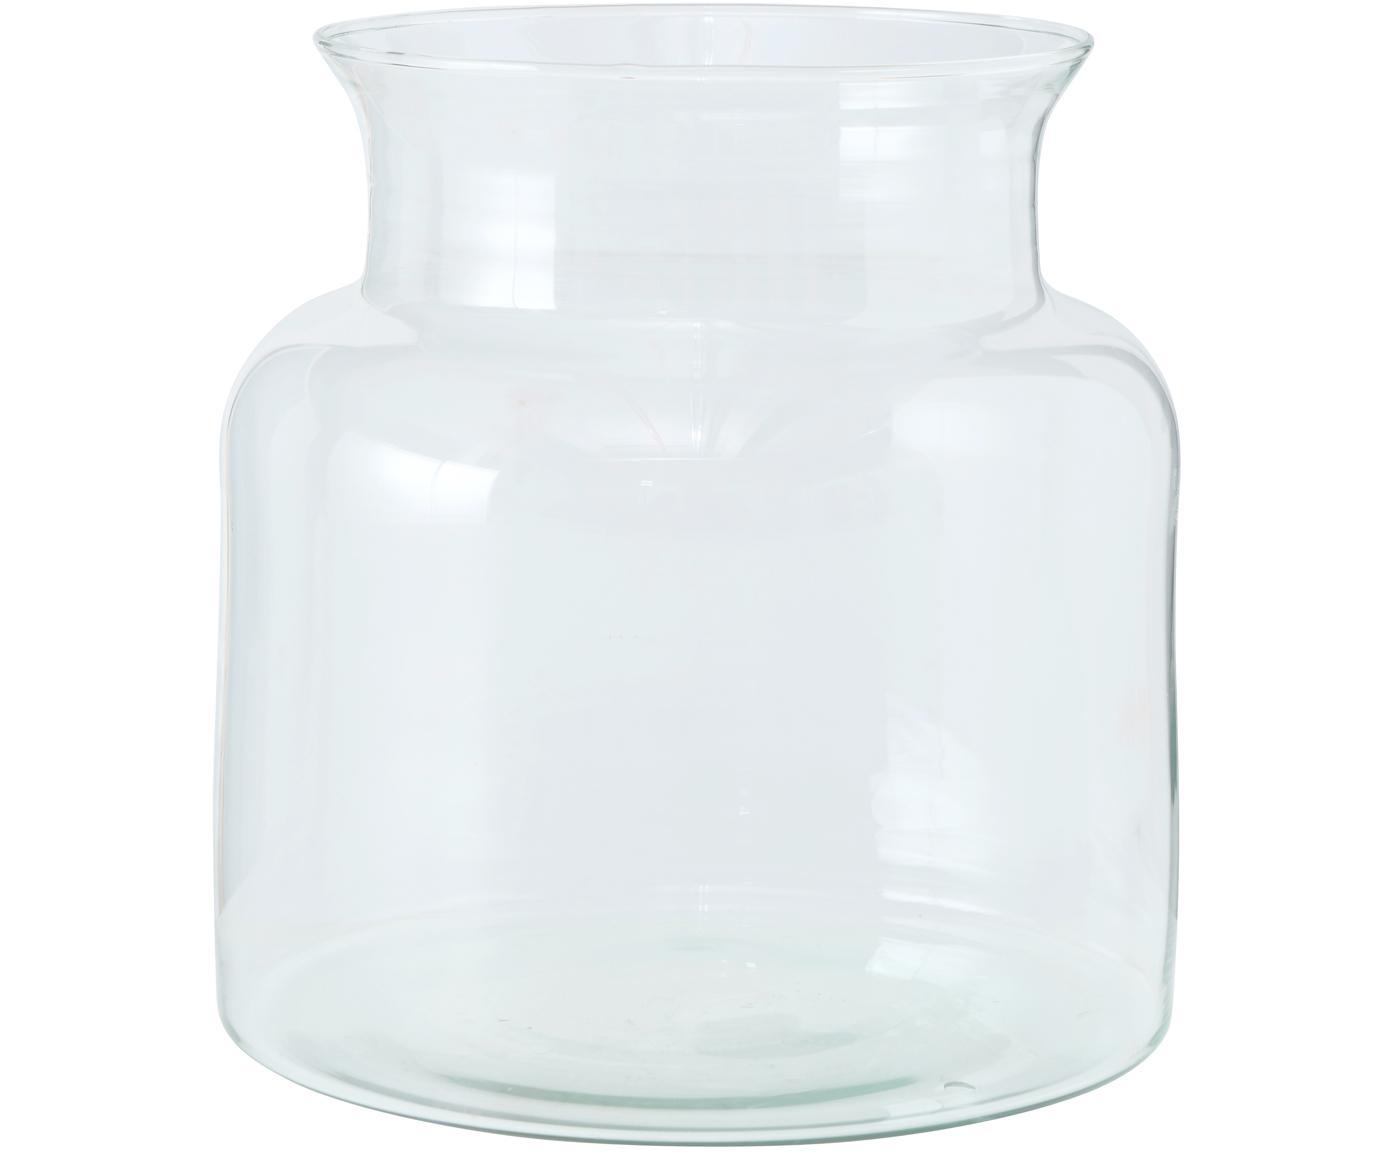 Vaso in vetro riciclato fatto a mano Eco, Vetro riciclato, Trasparente, Ø 18 x Alt. 20 cm